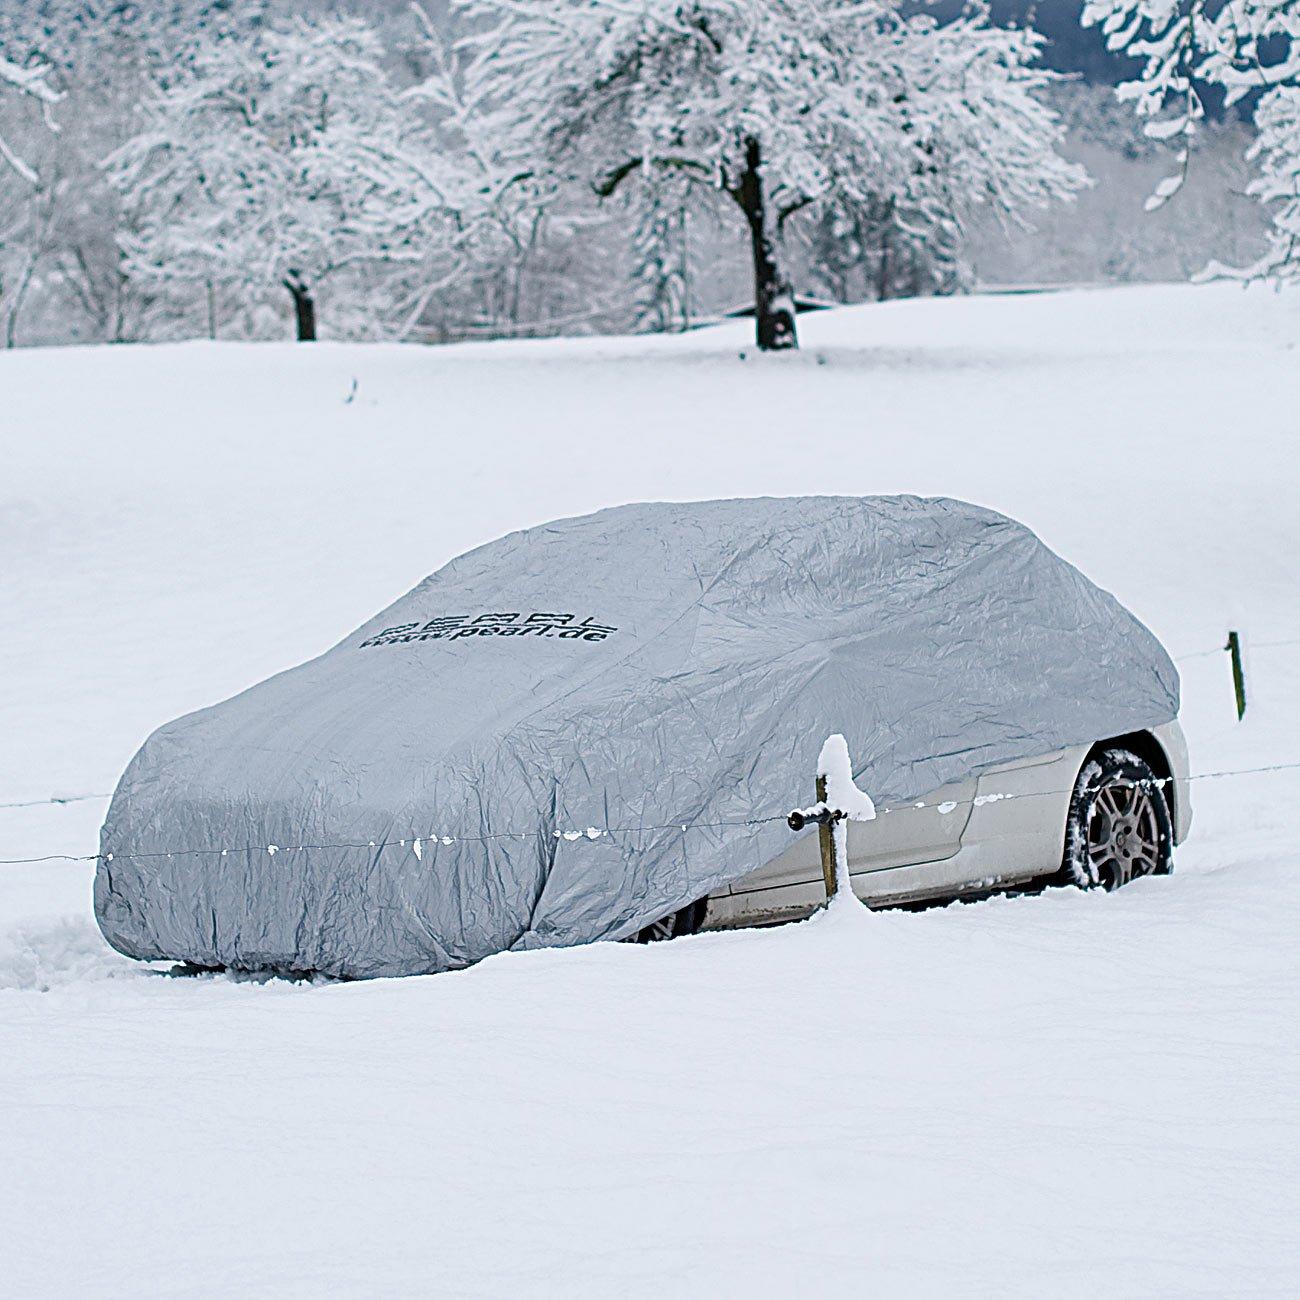 Auto Schutz PEARL Kfz Vollgarage Premium Auto-Vollgarage f/ür Kleinwagen 406 x 165 x 119 cm